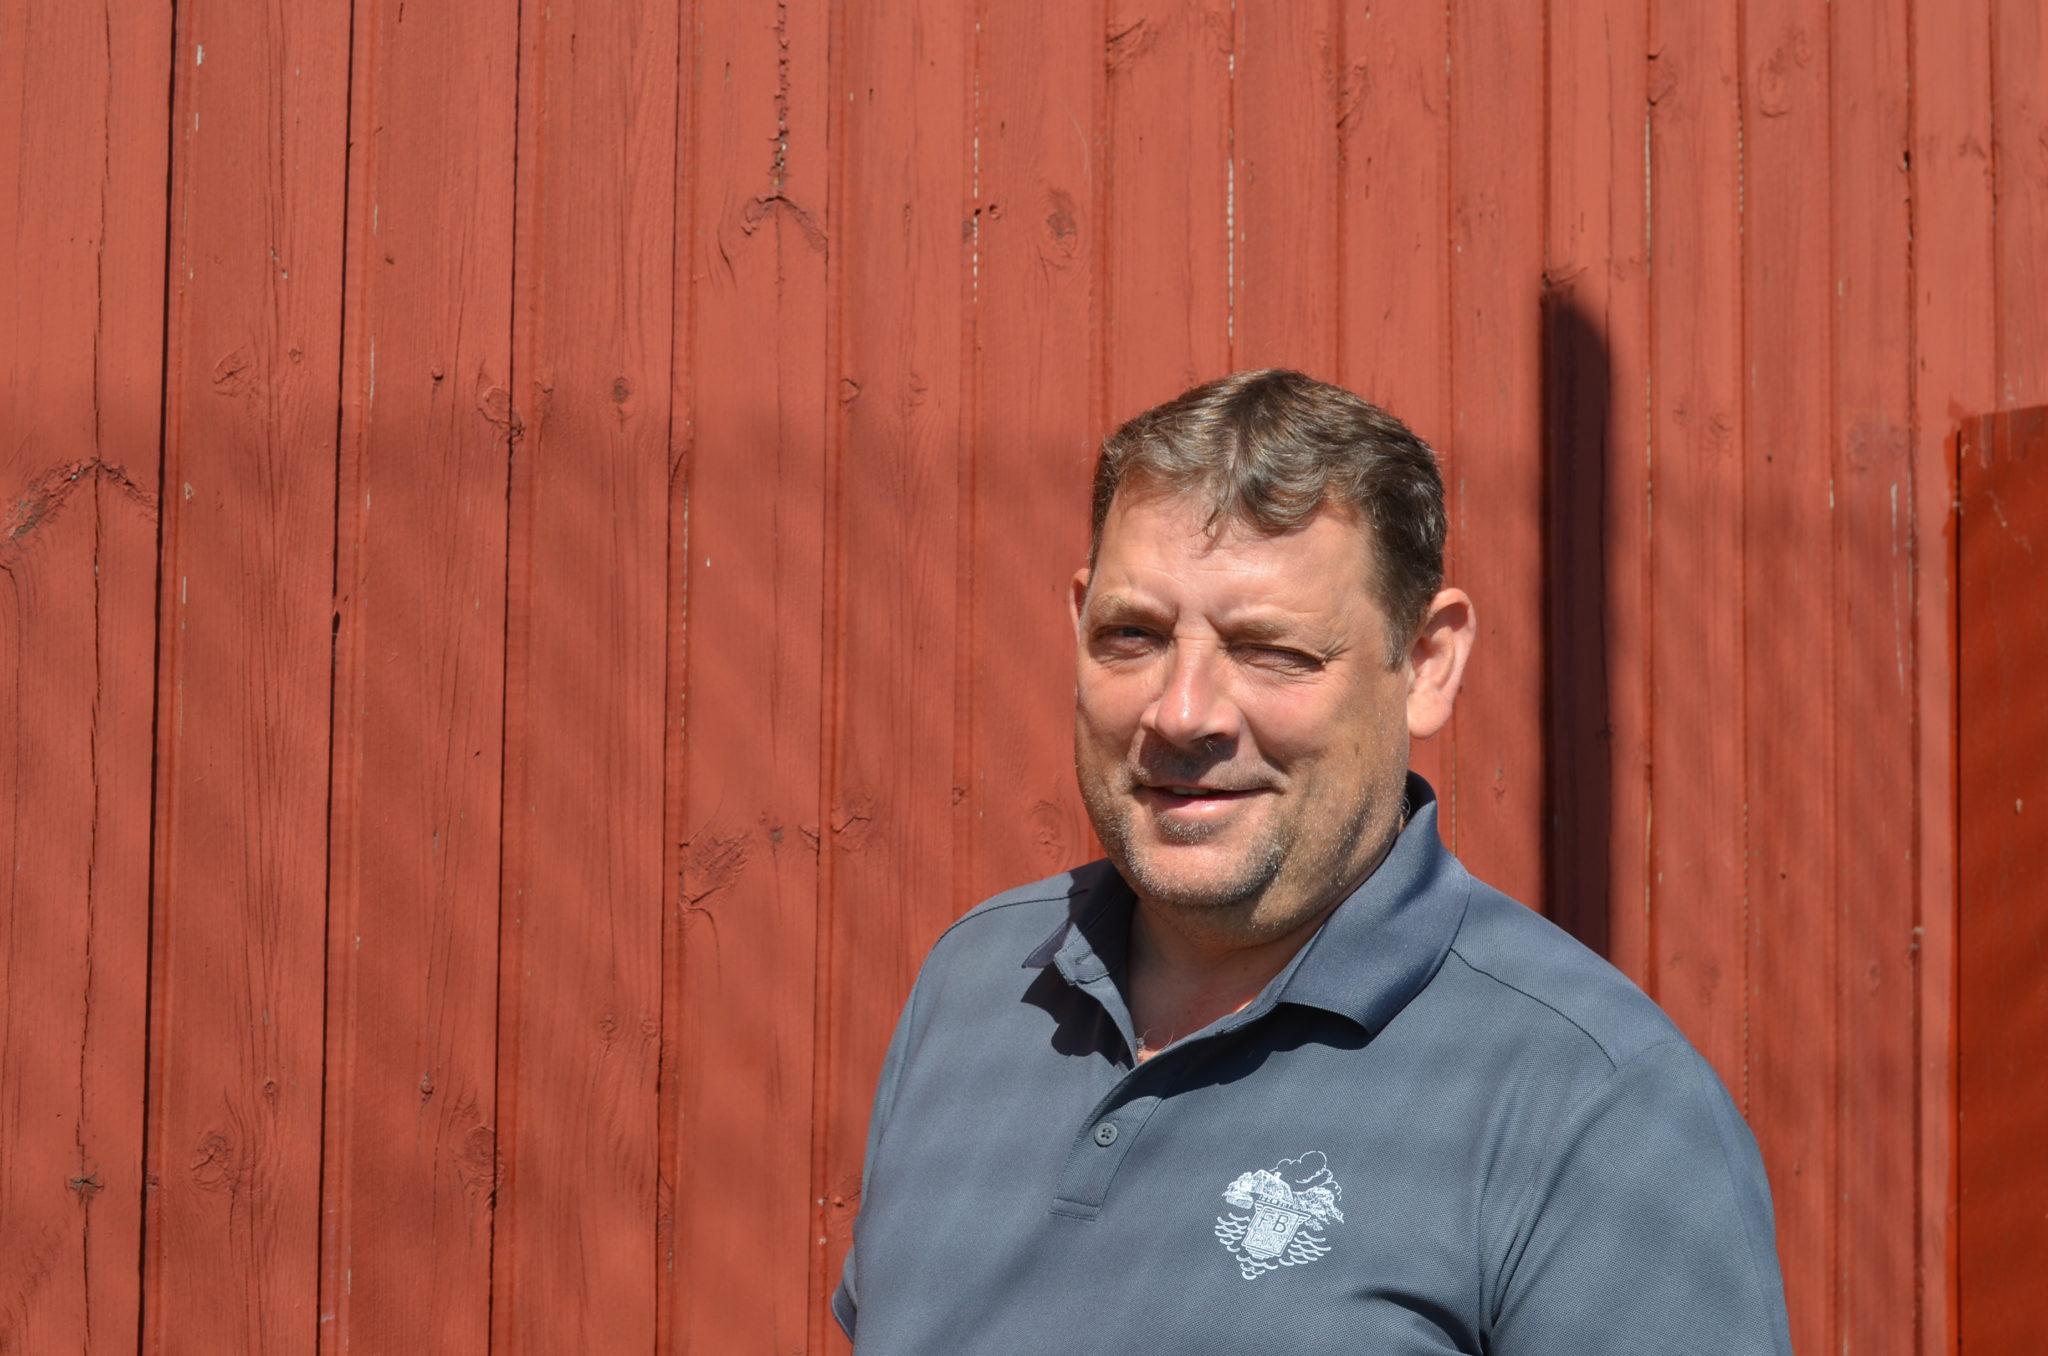 Formanden i Fanø Boldklub takker af